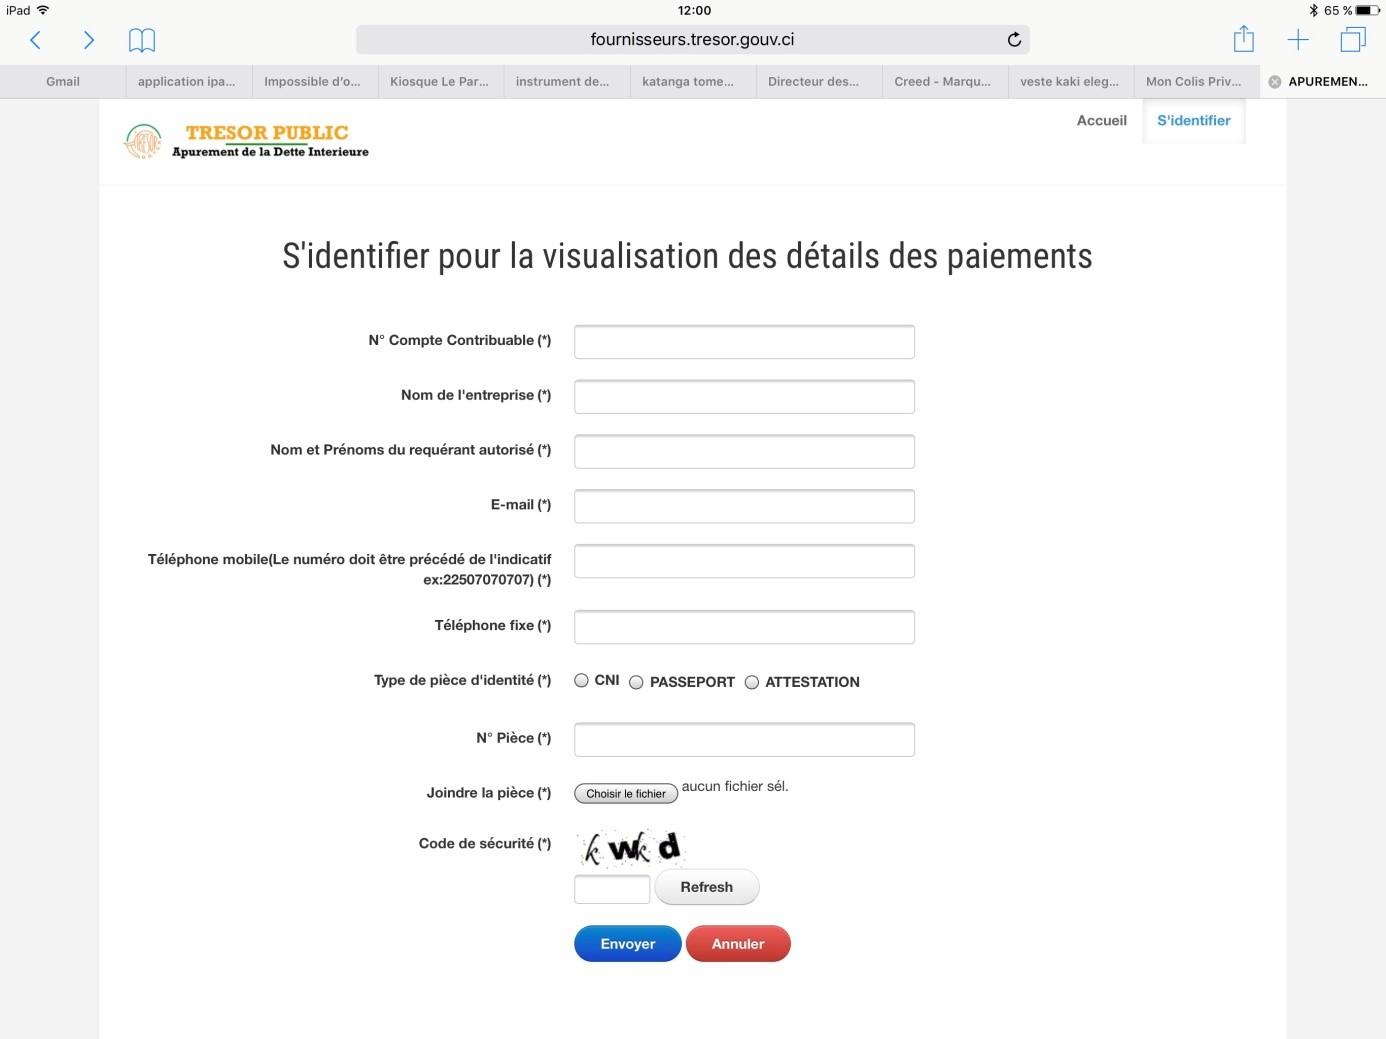 APUREMENT DE LA DETTE INTÉRIEURE : UNE LISTE DES FOURNISSEURS RENDUE PUBLIQUE